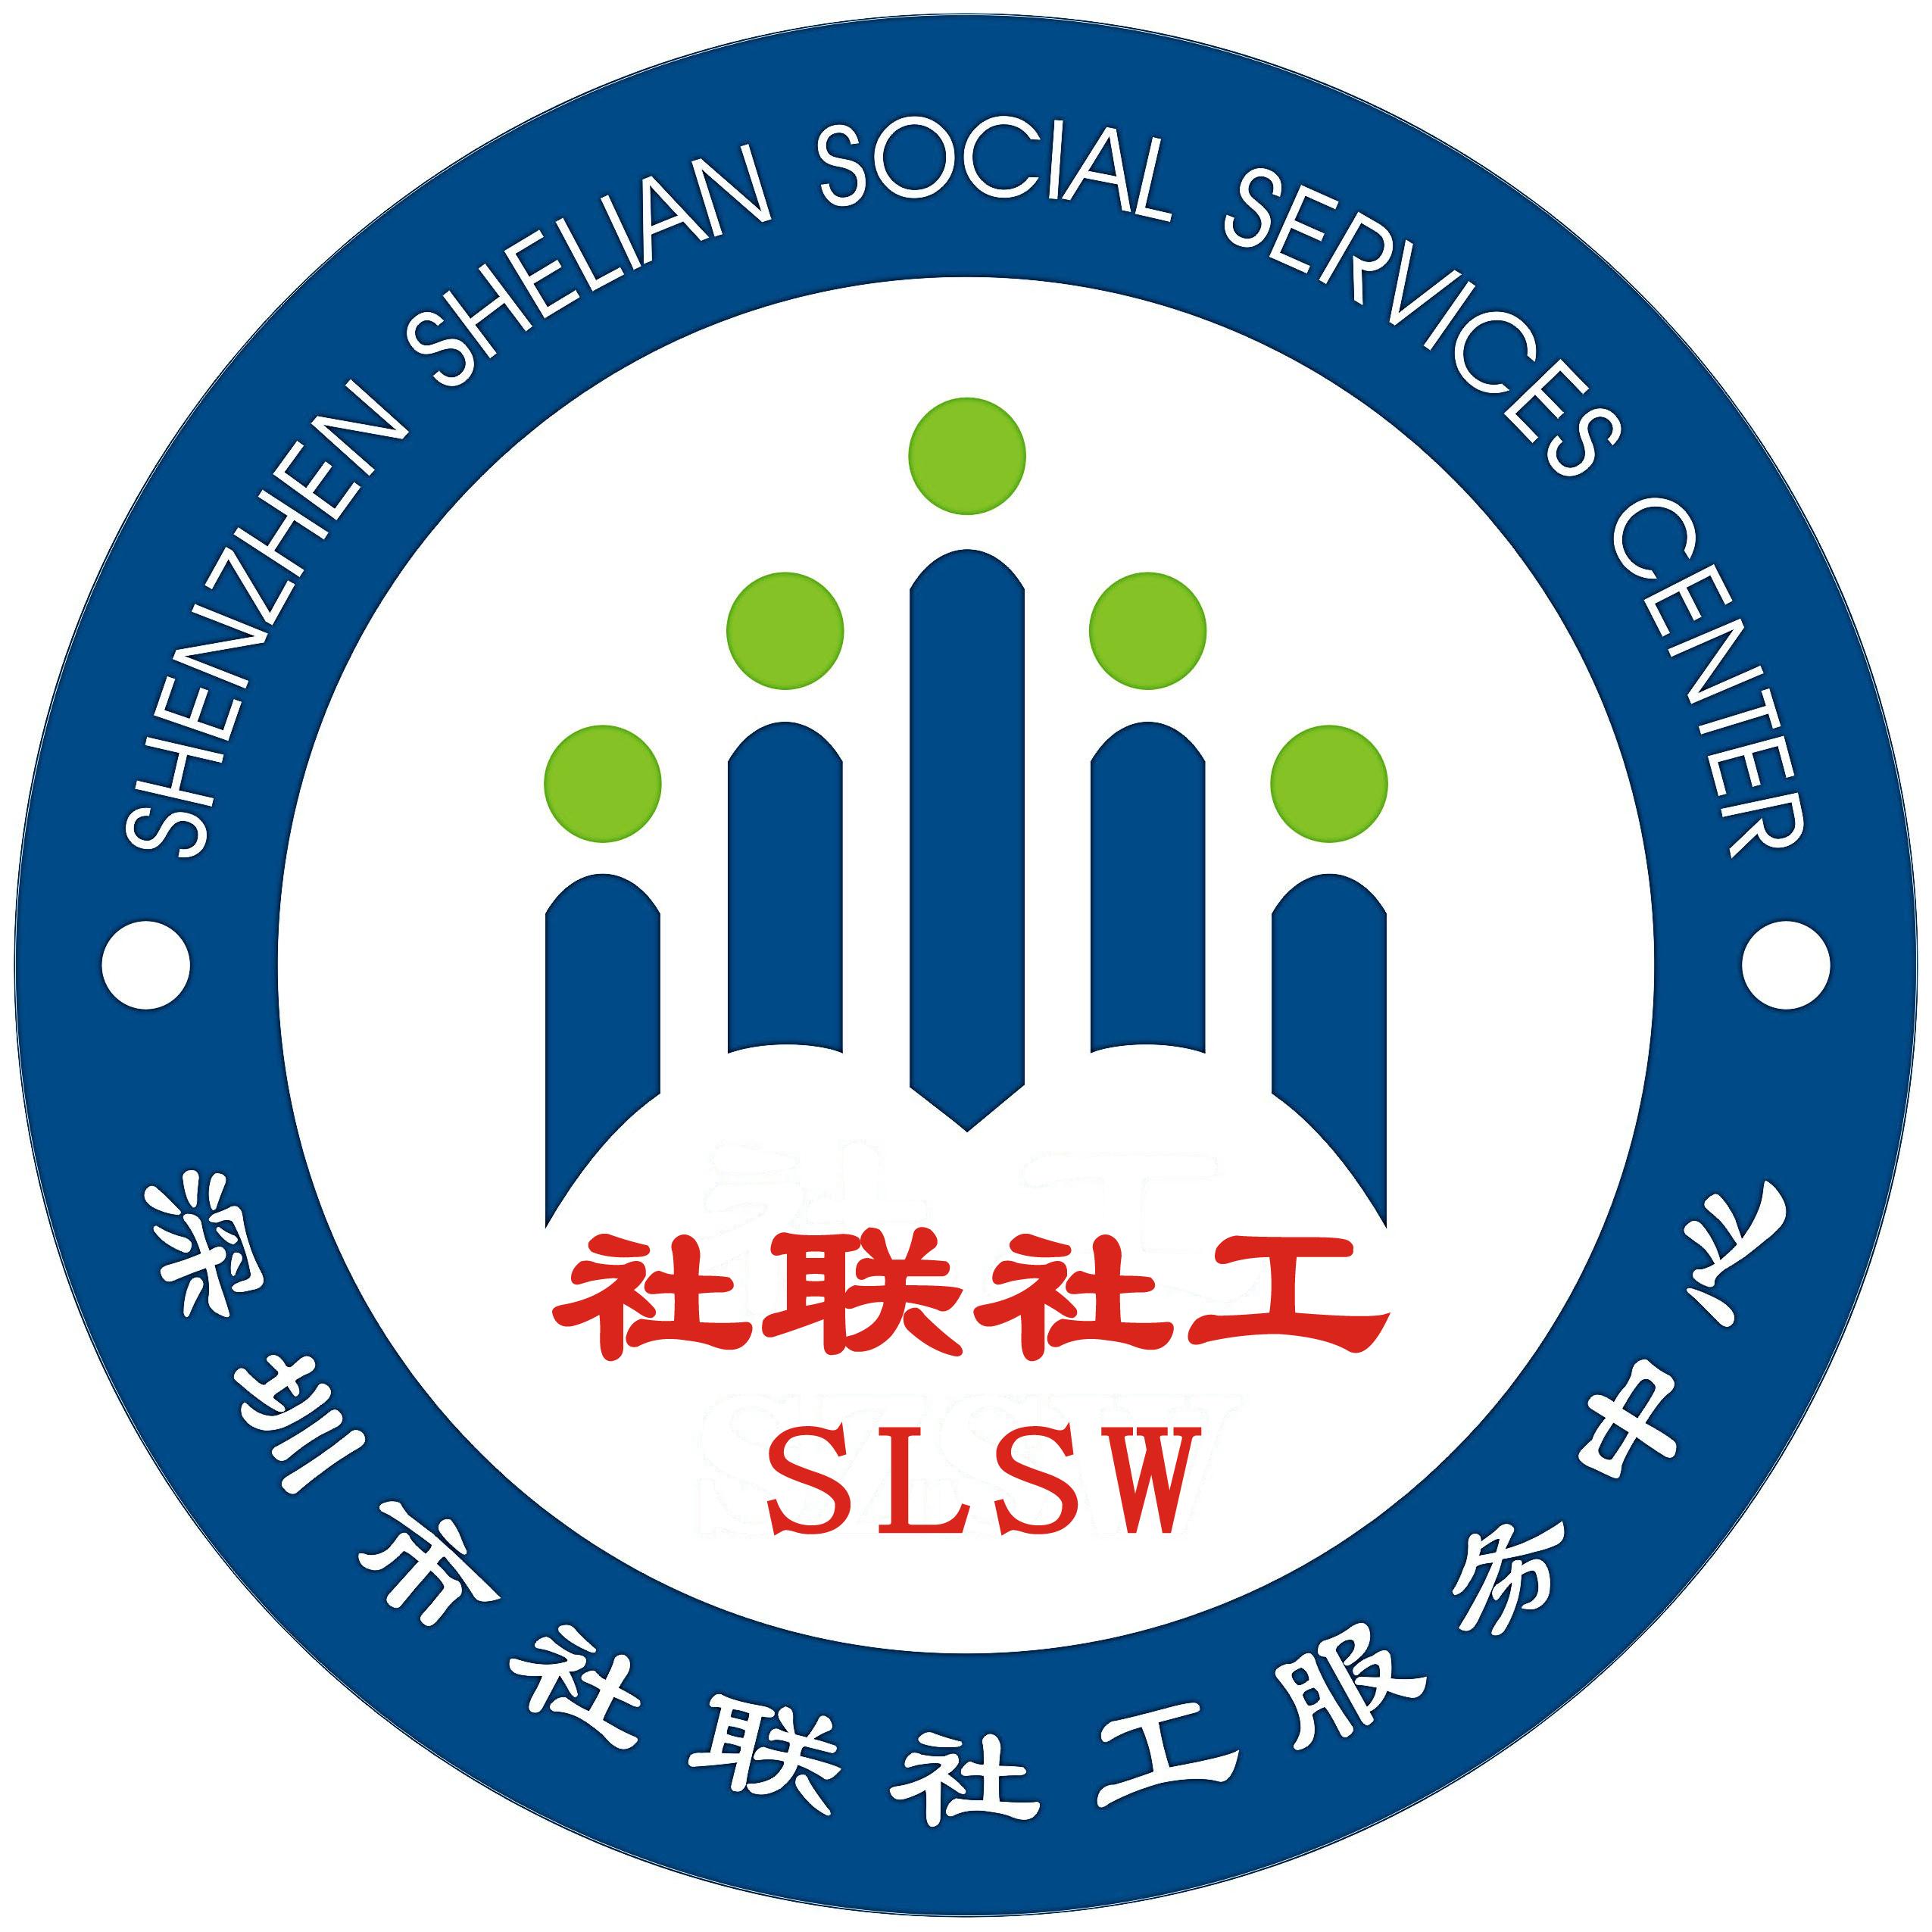 深圳市社联社工服务中心最新招聘信息